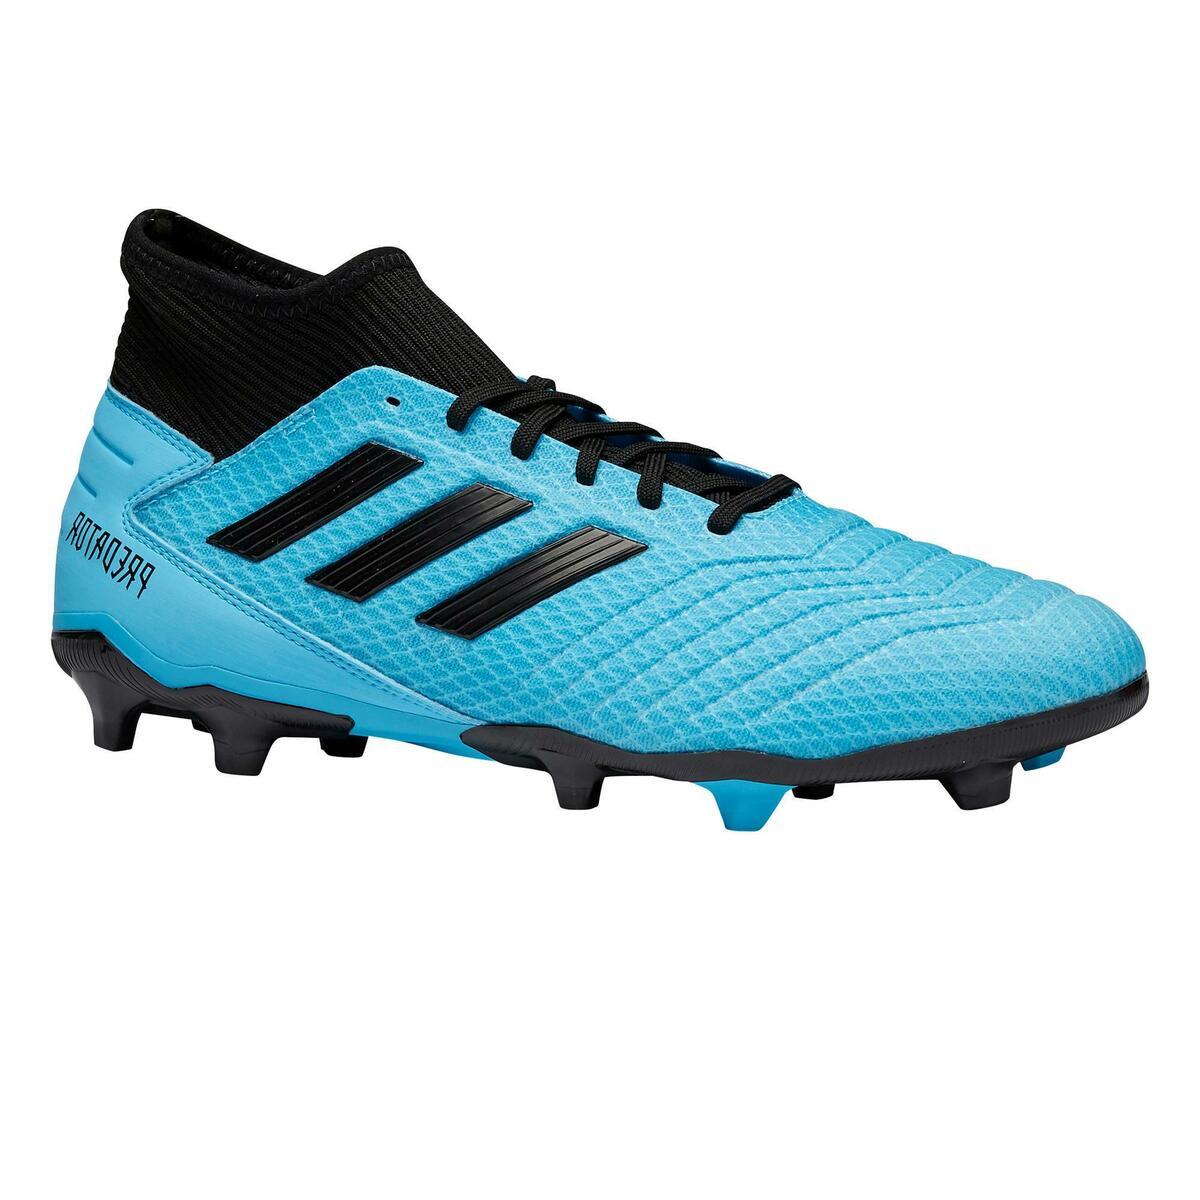 Bild 1 von Fussballschuhe Nocken Predator 19.3 FG Erwachsene blau